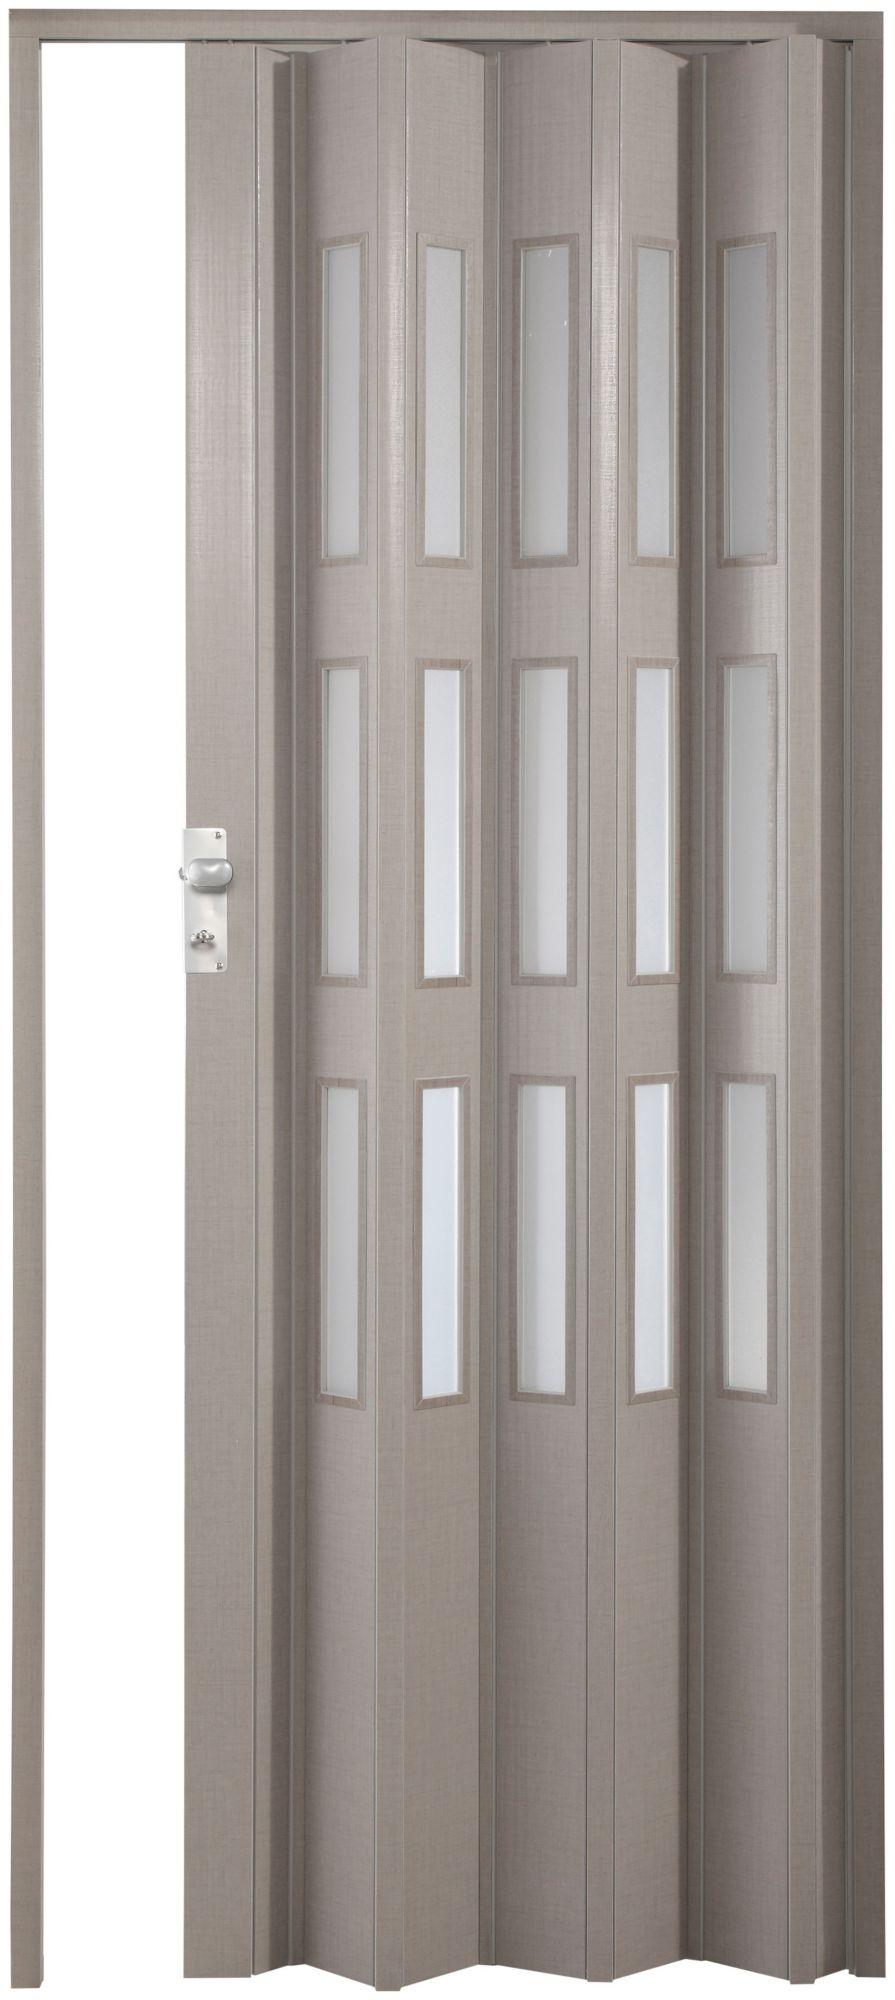 FORTE  Kunststoff-Falttür »Elvira«, grau gewebt, mit 3 satinierten Fenstern